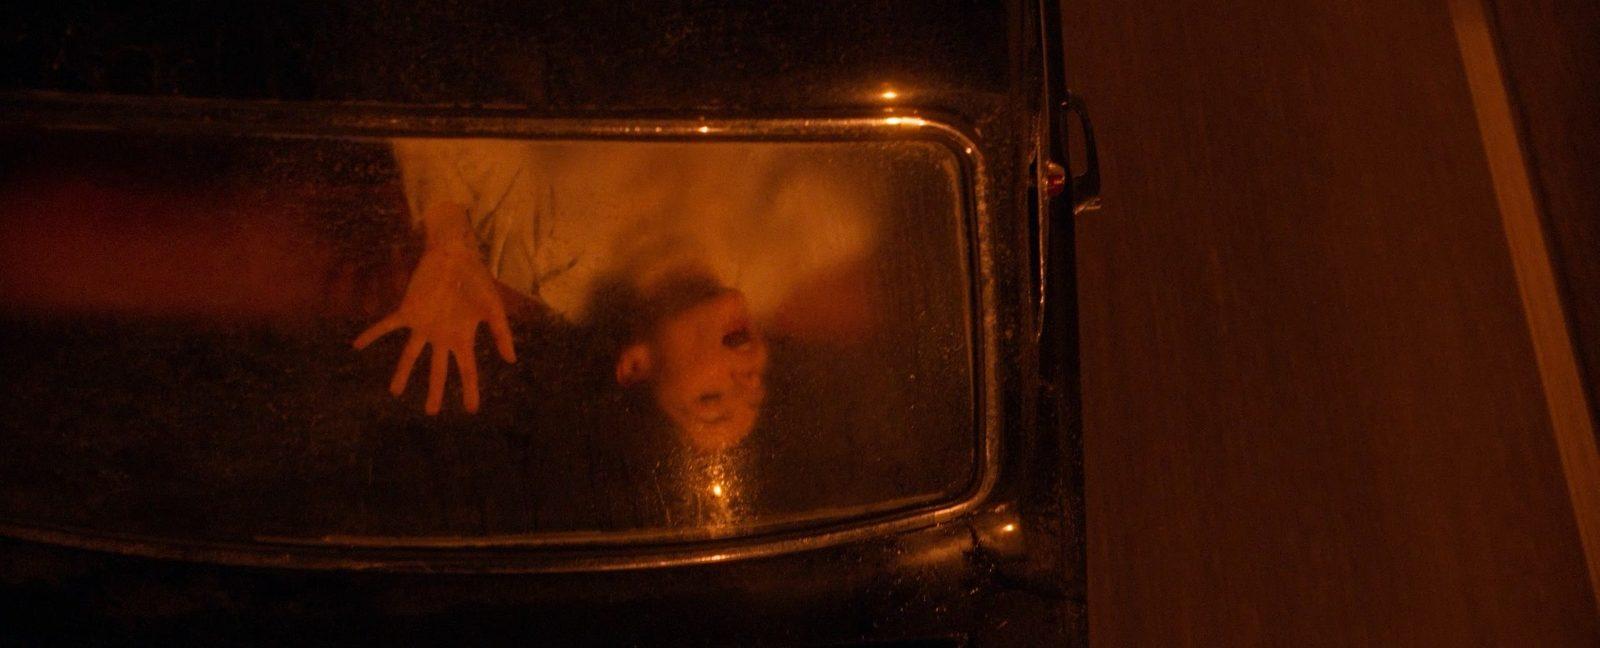 Полнометражный дебют Ладо Кватания «Казнь» отобран в конкурсную программу Кинофестиваля в Сиджесе